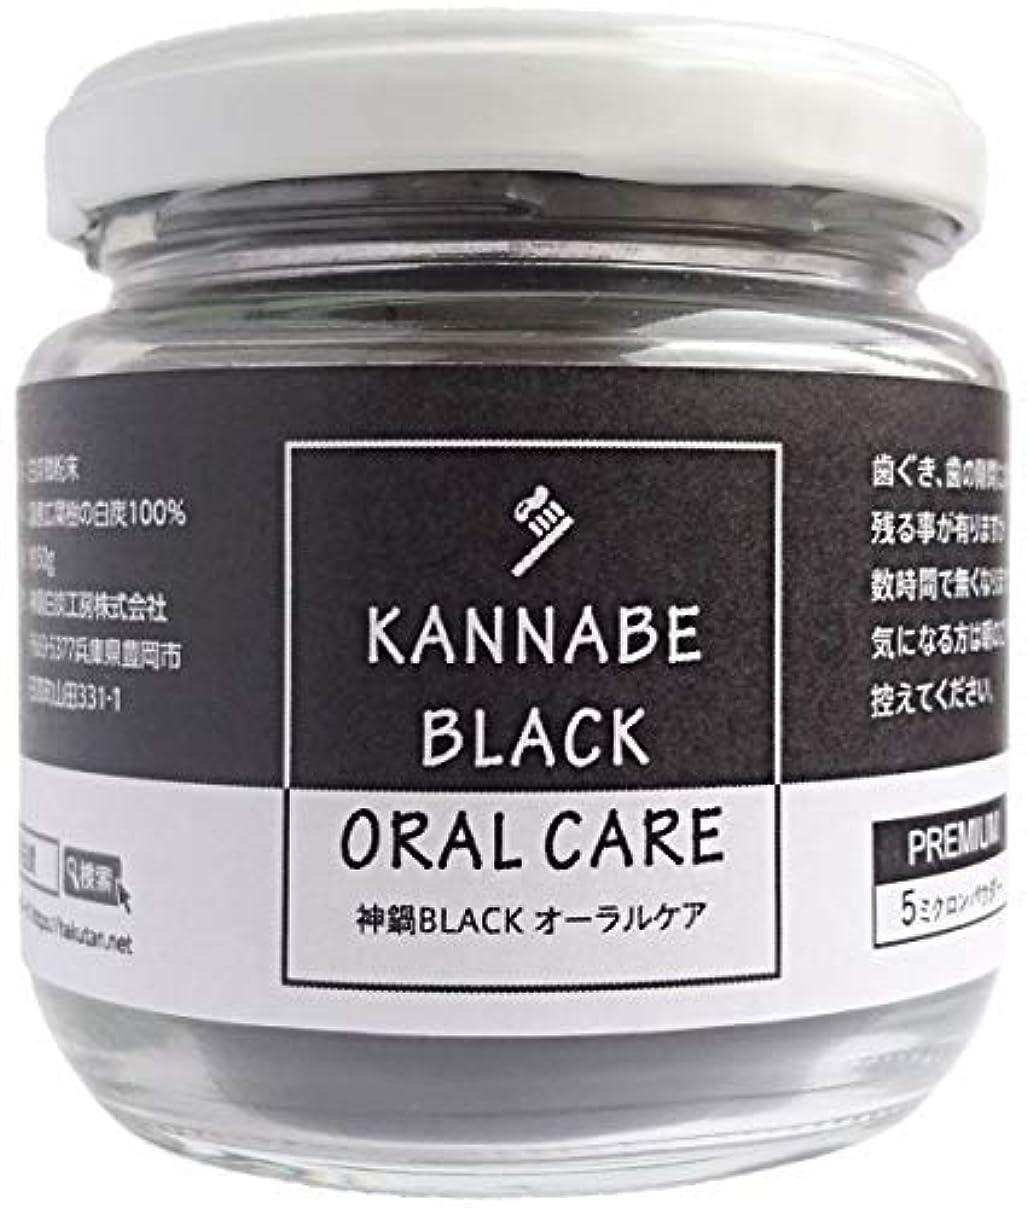 脅迫必須代理人ホワイトニング オーラルケア 歯磨き 口臭 炭パウダー チャコール 5ミクロン 神鍋BLACK 独自白炭製法 50g